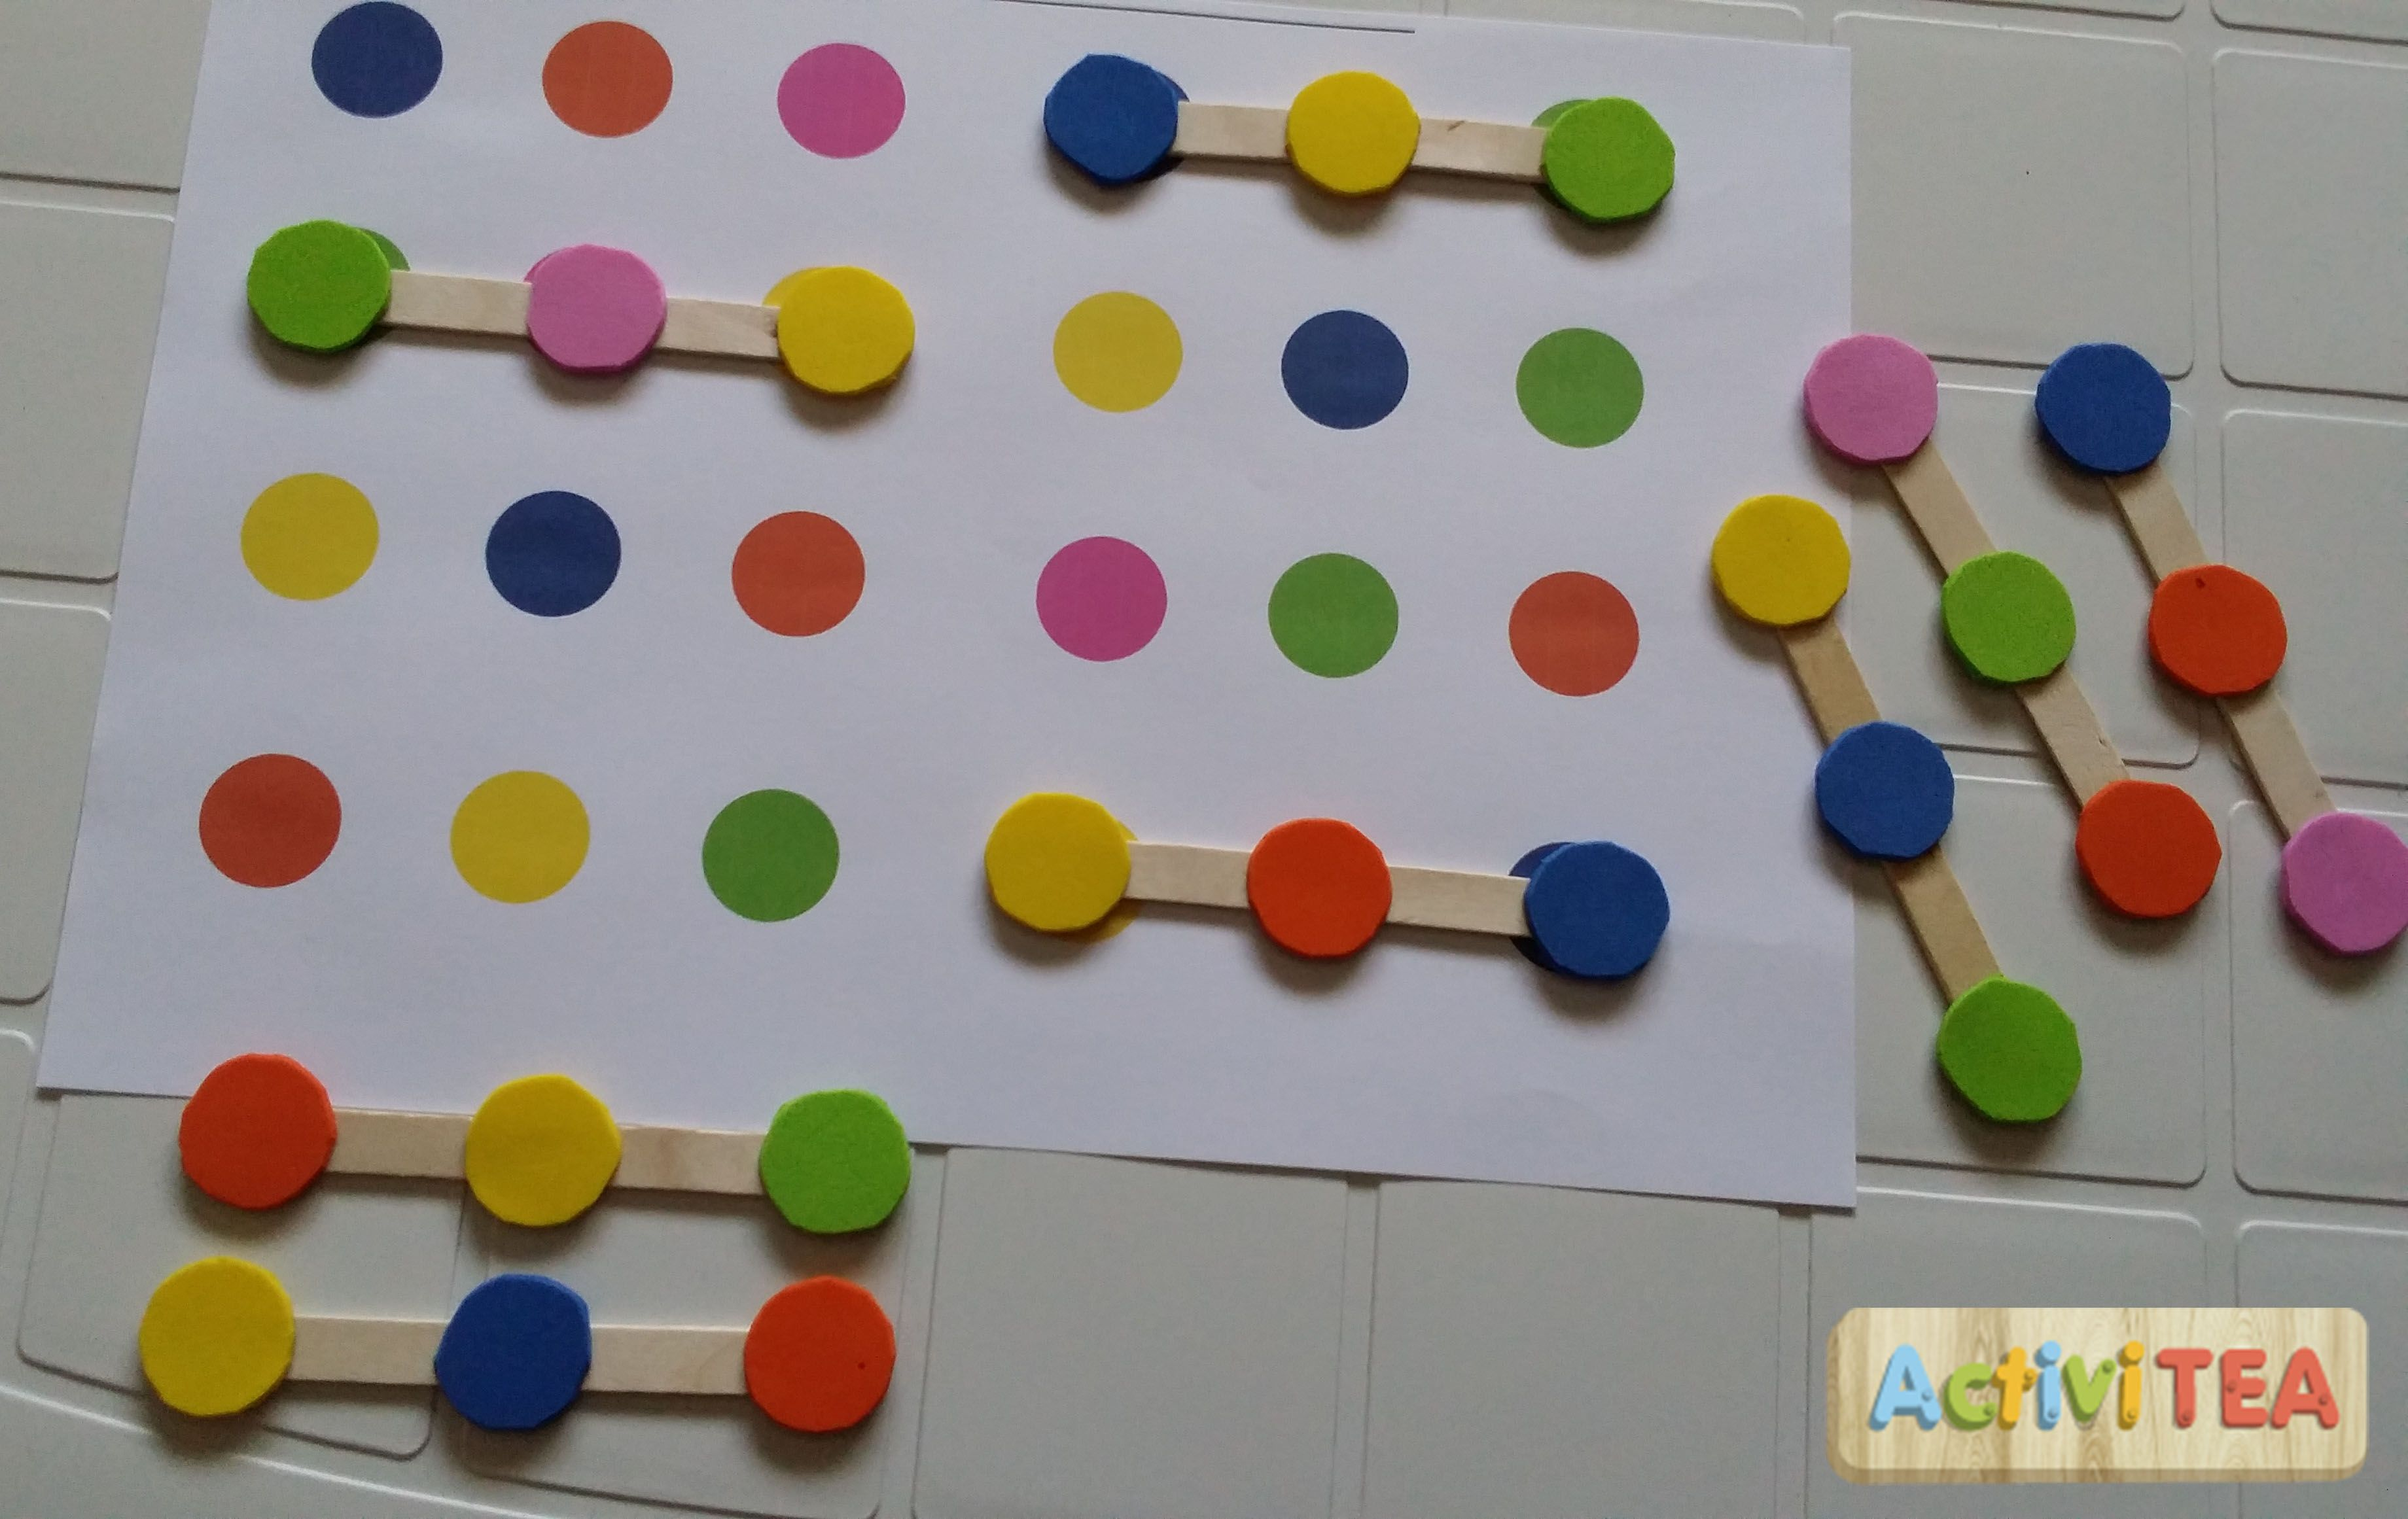 Lgica colores palitos con goma eva Actividades Pinterest